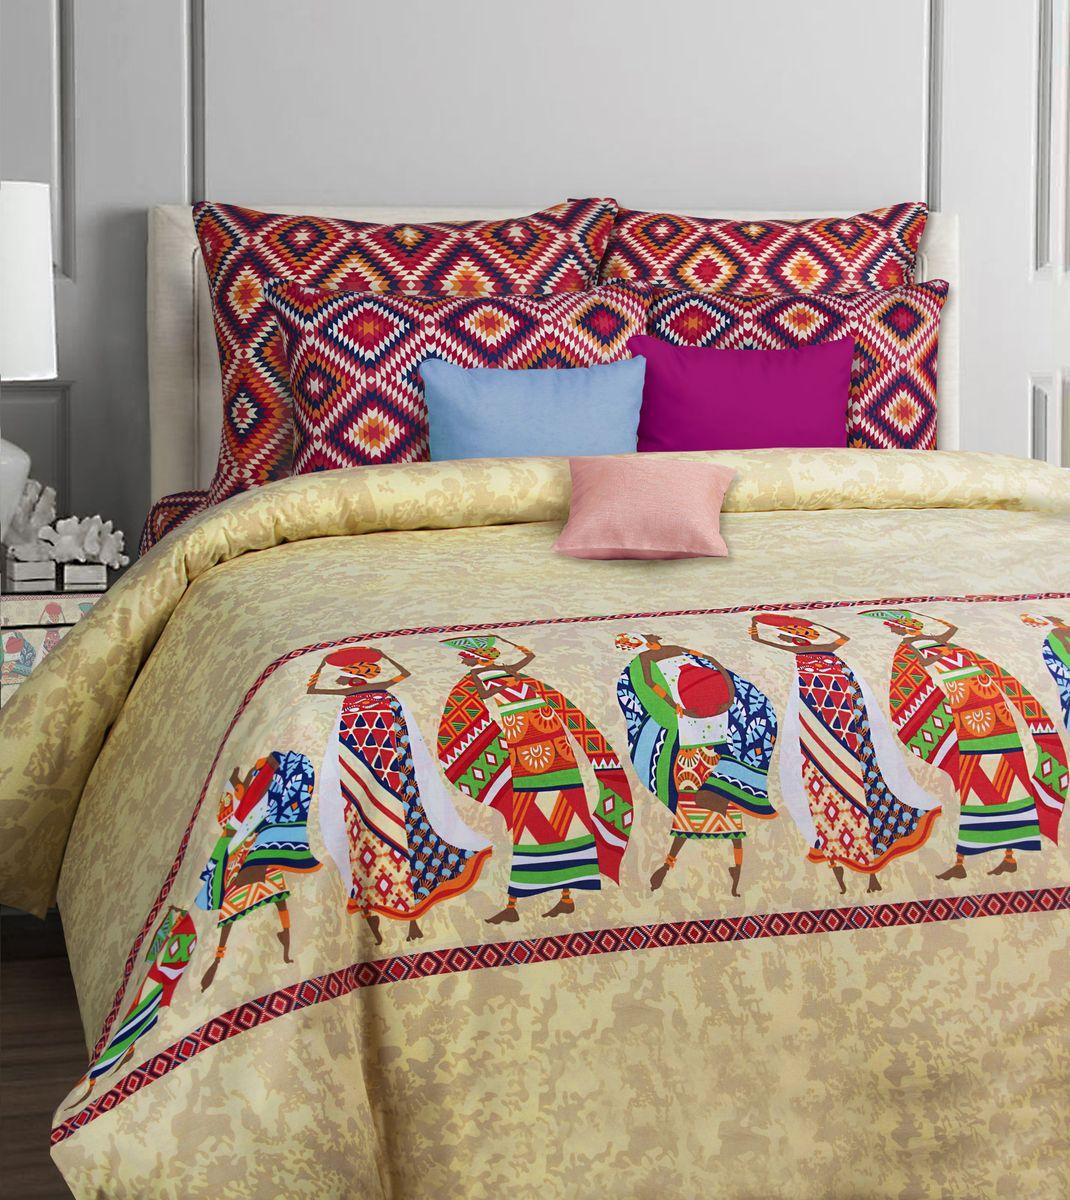 Комплект белья Mona Liza Classik. Afrika, 2-спальный, наволочки 50х70391602Комплект белья Mona Liza Classik. Afrika, выполненный из бязи (100% хлопок), состоит из пододеяльника, простыни и двух наволочек. Изделия оформлены ярким рисунком. В комплект входит:Пододеяльник: 175 х 210 см. Простыня: 215 х 240 см. 2 наволочки: 70 х 70 см, 50 х 70 см. Рекомендации по уходу: - Ручная и машинная стирка 40°С. - Гладить при средней температуре. - Не использовать хлорсодержащие средства. - Щадящая сушка, - Не подвергать химчистке.УВАЖАЕМЫЕ КЛИЕНТЫ!Обращаем ваше внимание, на тот факт, что в комплект входят 4 наволочки, а комплектация, представленная на изображении, служит для визуального восприятия товара.